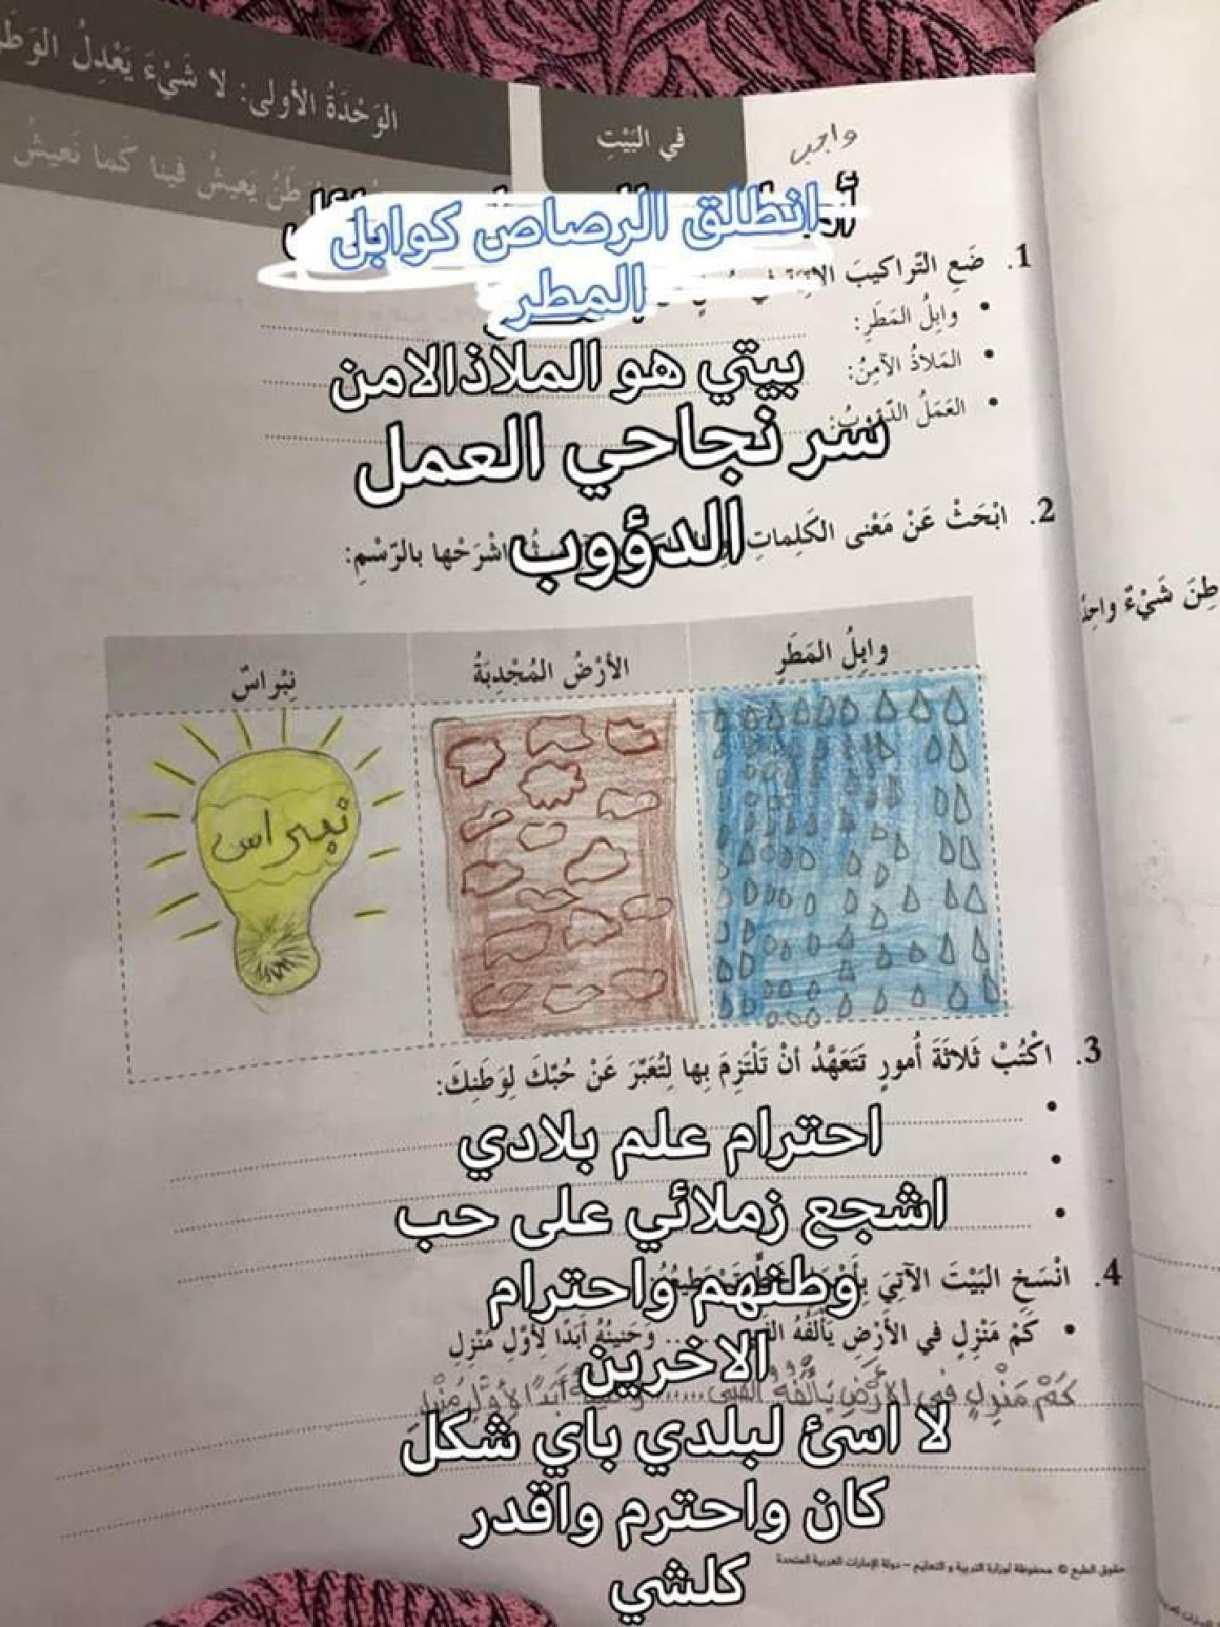 حلول الوحدة الأولى كتاب النشاط لغة عربية